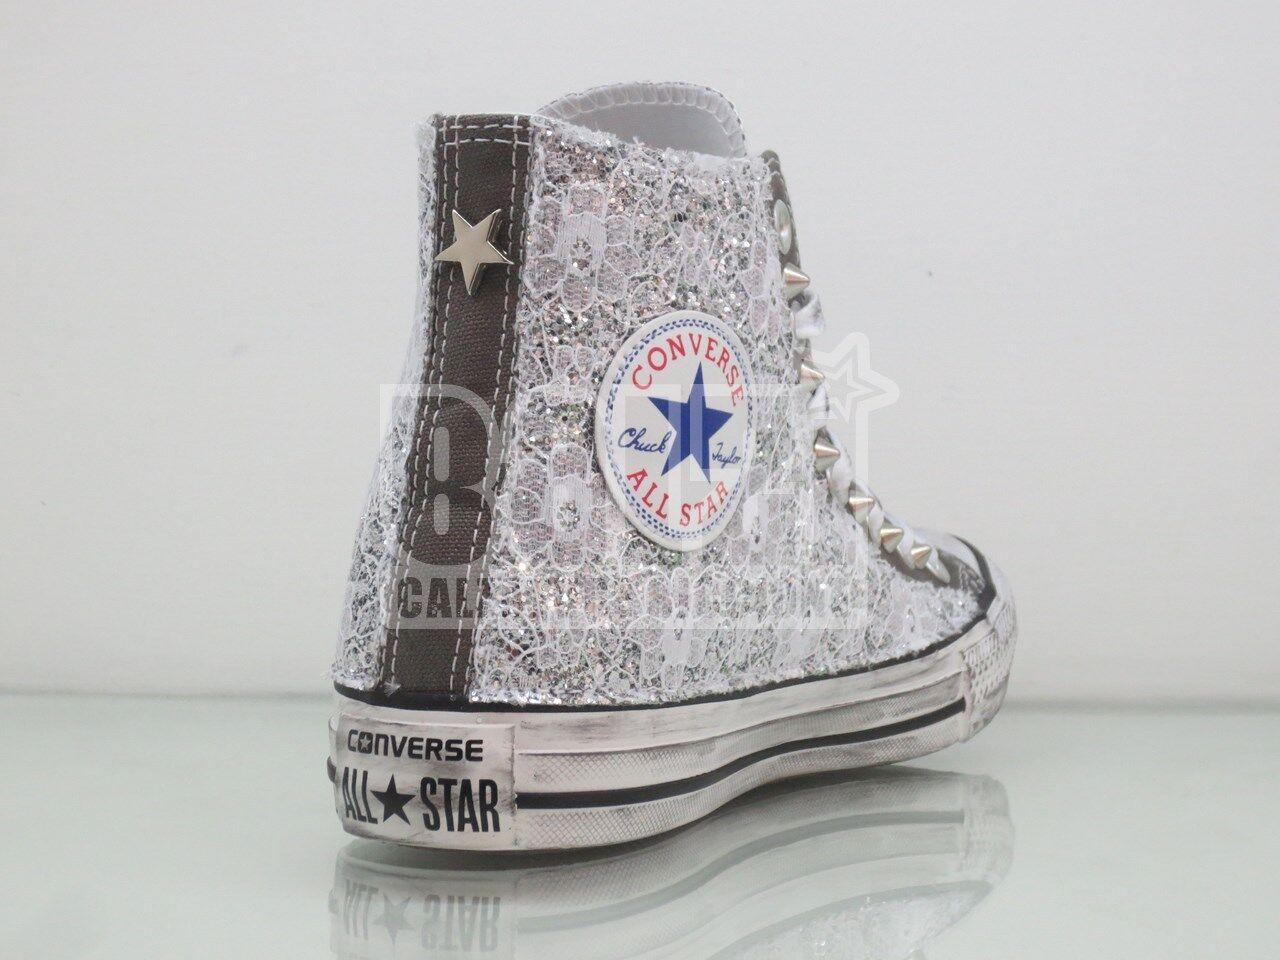 Converse all argento star grigio charcoal  pizzo + glitter argento all  borchie artigianali 6e20dc